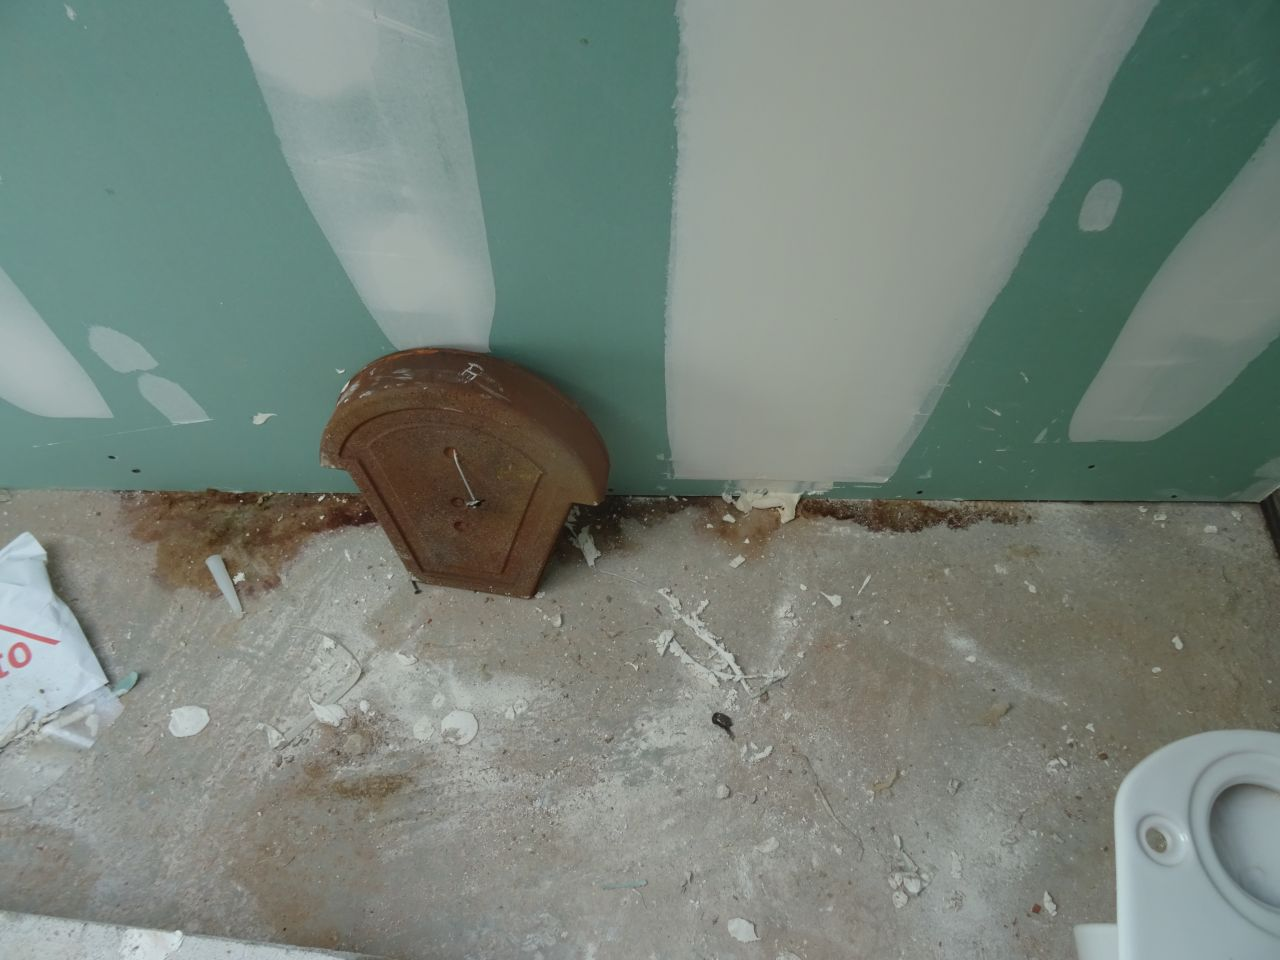 Toujours la belle trace d'humidité dans la salle de bain, et on remarque également qu'ils n'ont pas encore remis certaines tuiles, après le crépi peut-être ?